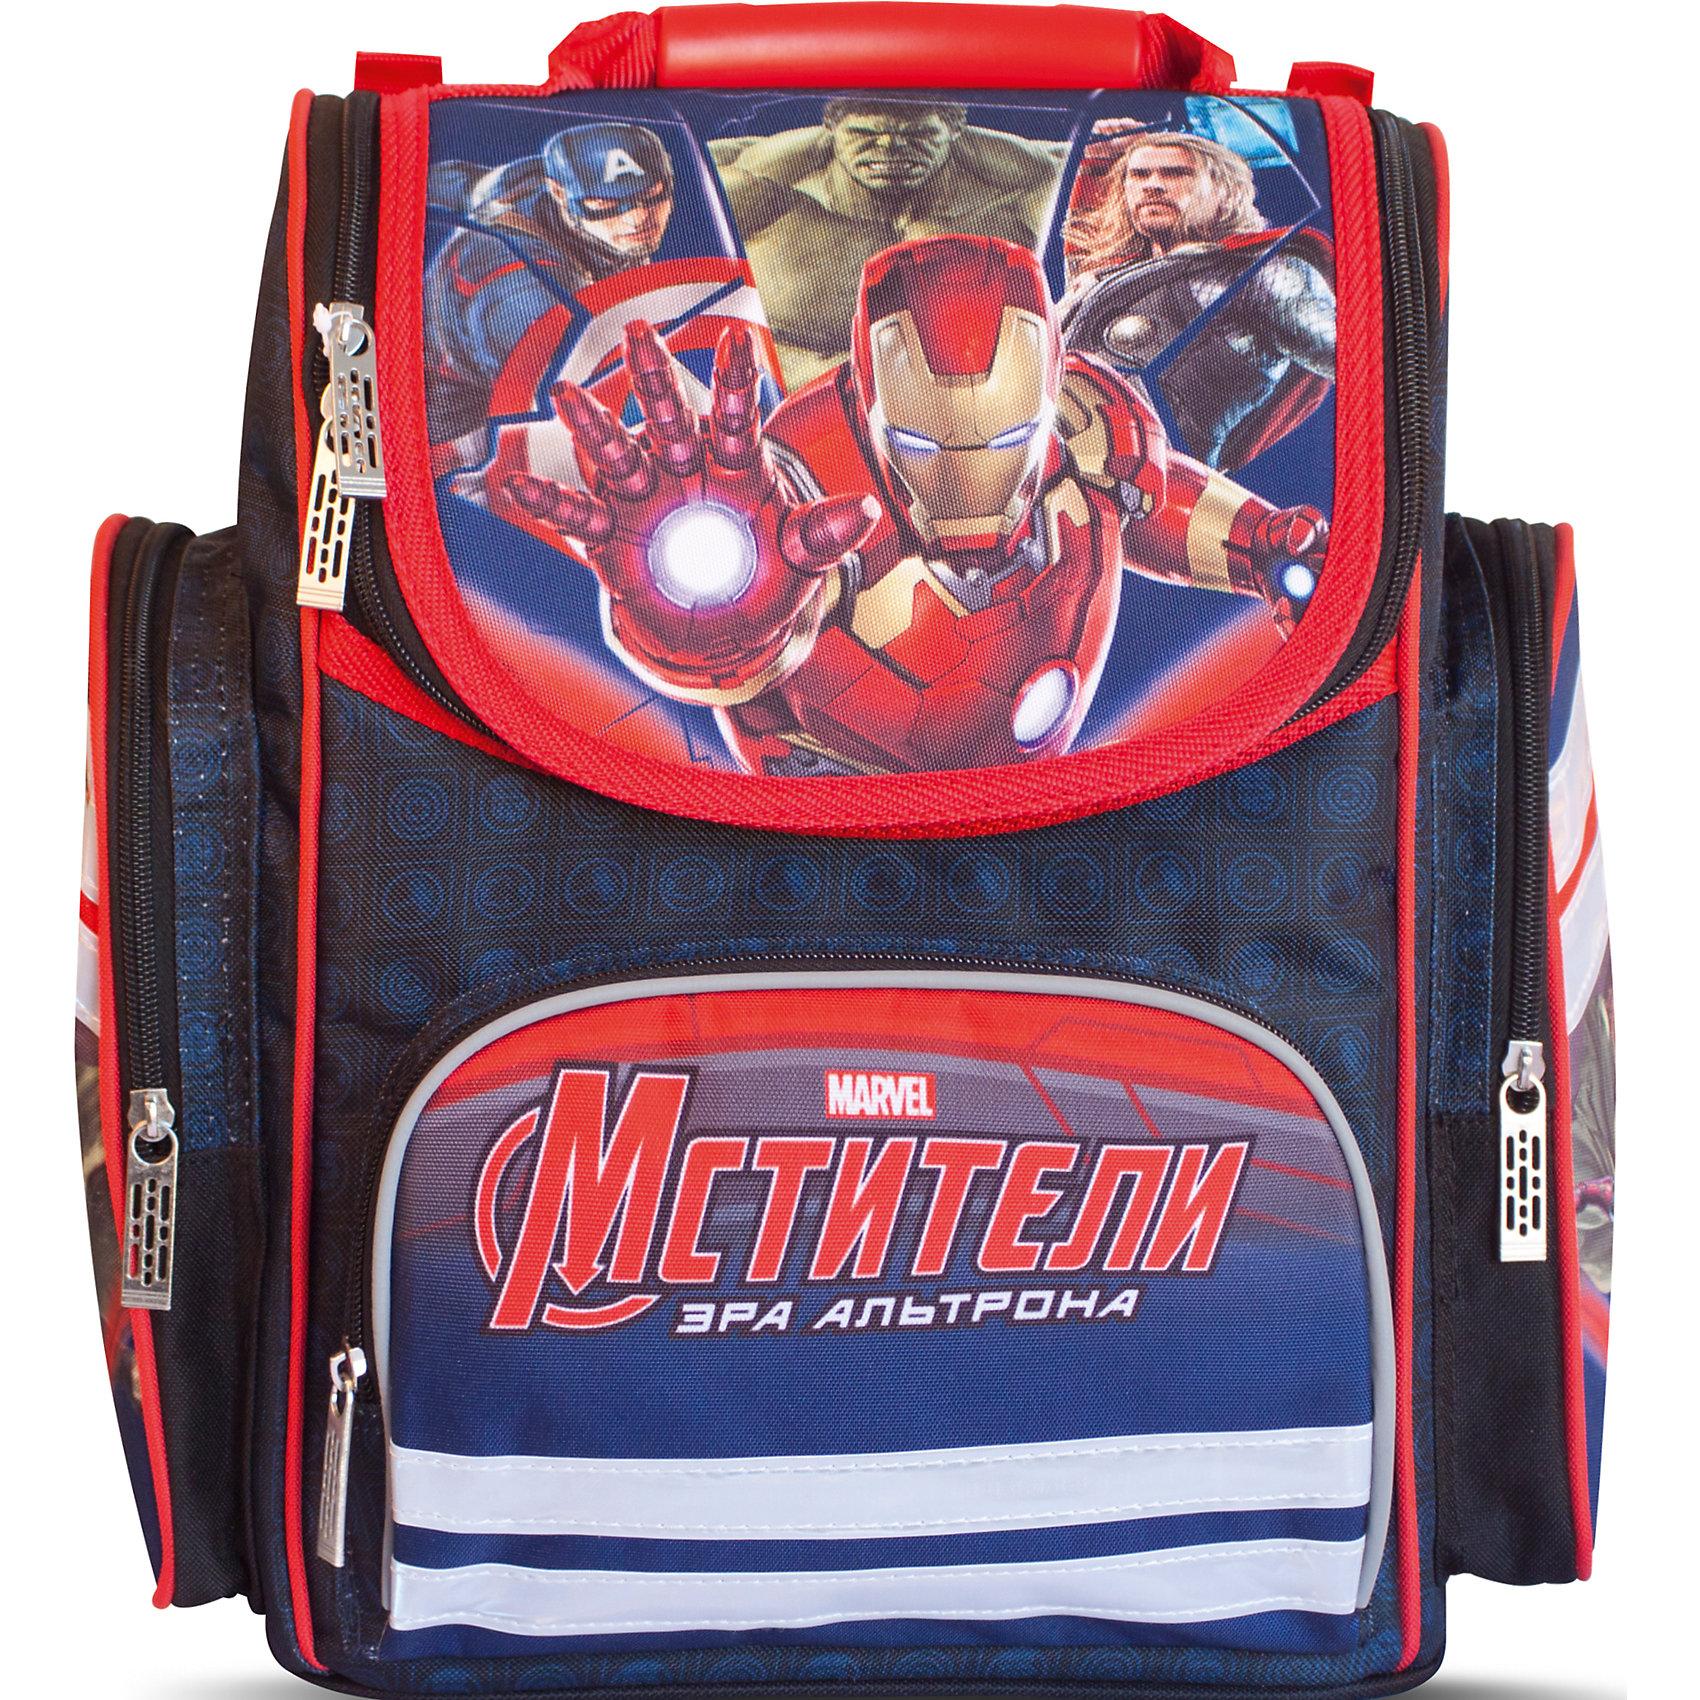 Ортопедический средний рюкзак МстителиMarvel<br>Ортопедический средний рюкзак Marvel «Мстители» (Avengers) идеален для учебы в школе. Он имеет одно основное отделение на молнии, подходящее для формата А4, с двумя отсеками для тетрадей и прозрачным кармашком для личной карточки. Спереди находится карман на молнии, вмещающий пенал, а по бокам – два кармана на молнии высотой 24 см. Удобная ортопедическая спинка, созданная по специальной технологии из дышащего плотного и мягкого поролона, равномерно распределяет нагрузку на позвоночник. Мягкие анатомические регулируемые лямки оберегают плечи ребенка от натирания. Светоотражающие элементы, расположенные на лямках и лицевом кармане, повышают безопасность ребенка на дороге в темное время суток. Пластиковая ручка удобна для переноски рюкзака в руке или размещения на вешалке. Аксессуар декорирован модным принтом (сублимированной печатью).<br><br>Дополнительная информация:<br><br>Размер: 31х29х15 см.<br>Два кармана на молнии высотой 24 см<br>Вес: 820 г.<br><br>Ортопедический средний рюкзак Мстители можно купить в нашем магазине.<br><br>Ширина мм: 350<br>Глубина мм: 290<br>Высота мм: 180<br>Вес г: 820<br>Возраст от месяцев: 36<br>Возраст до месяцев: 120<br>Пол: Мужской<br>Возраст: Детский<br>SKU: 4646748